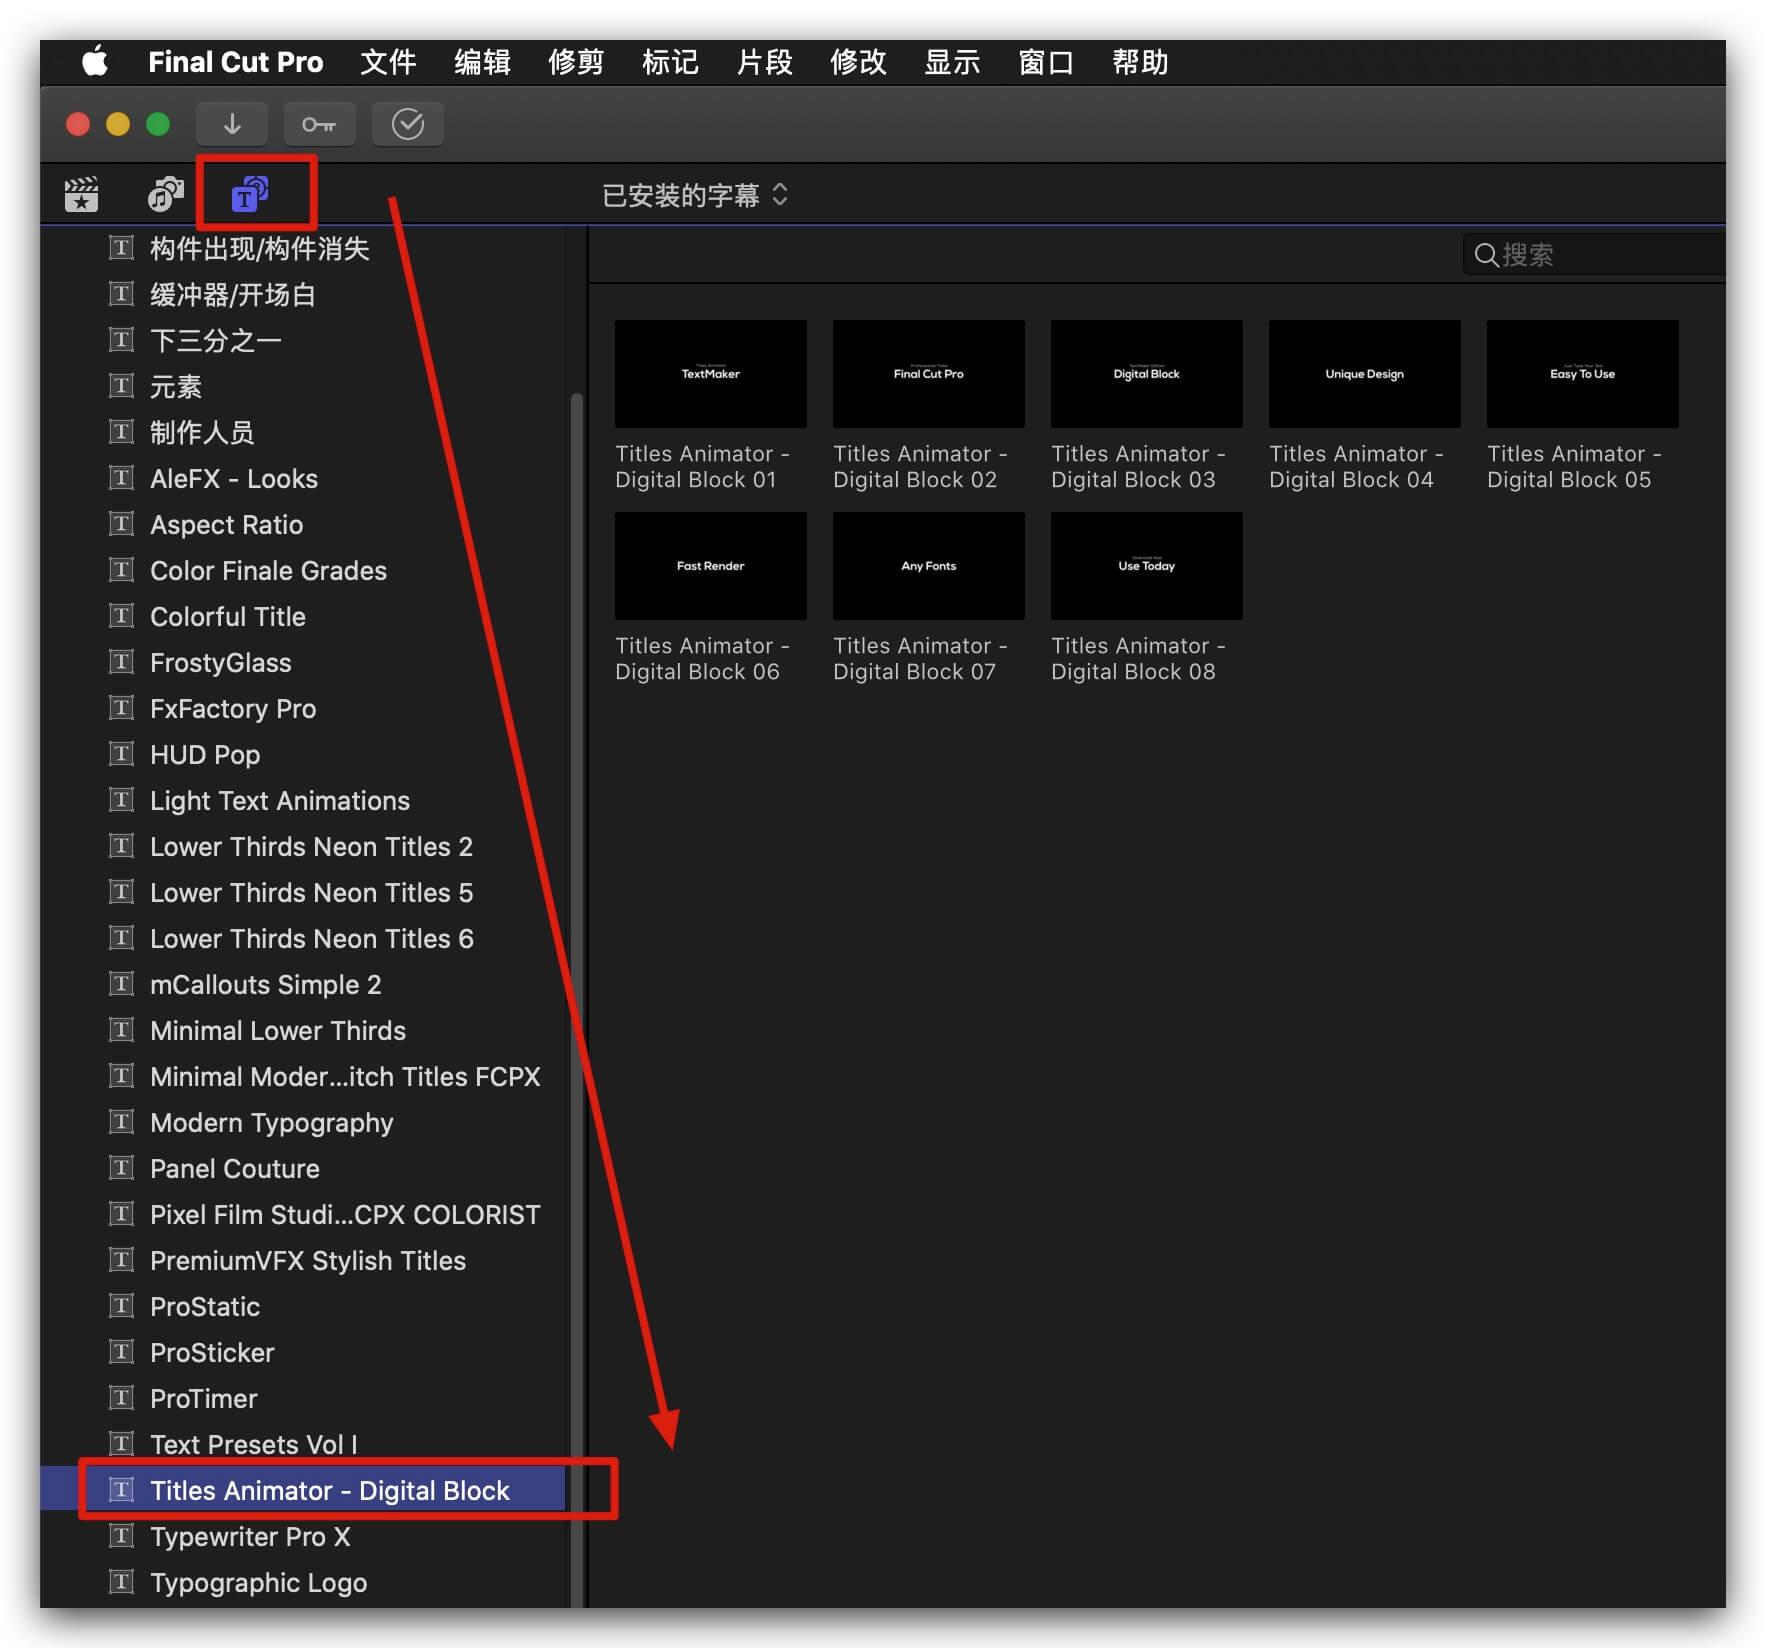 fcpx标题插件 8组马赛克效果数码科技风格文字模板 Titles animator digital block